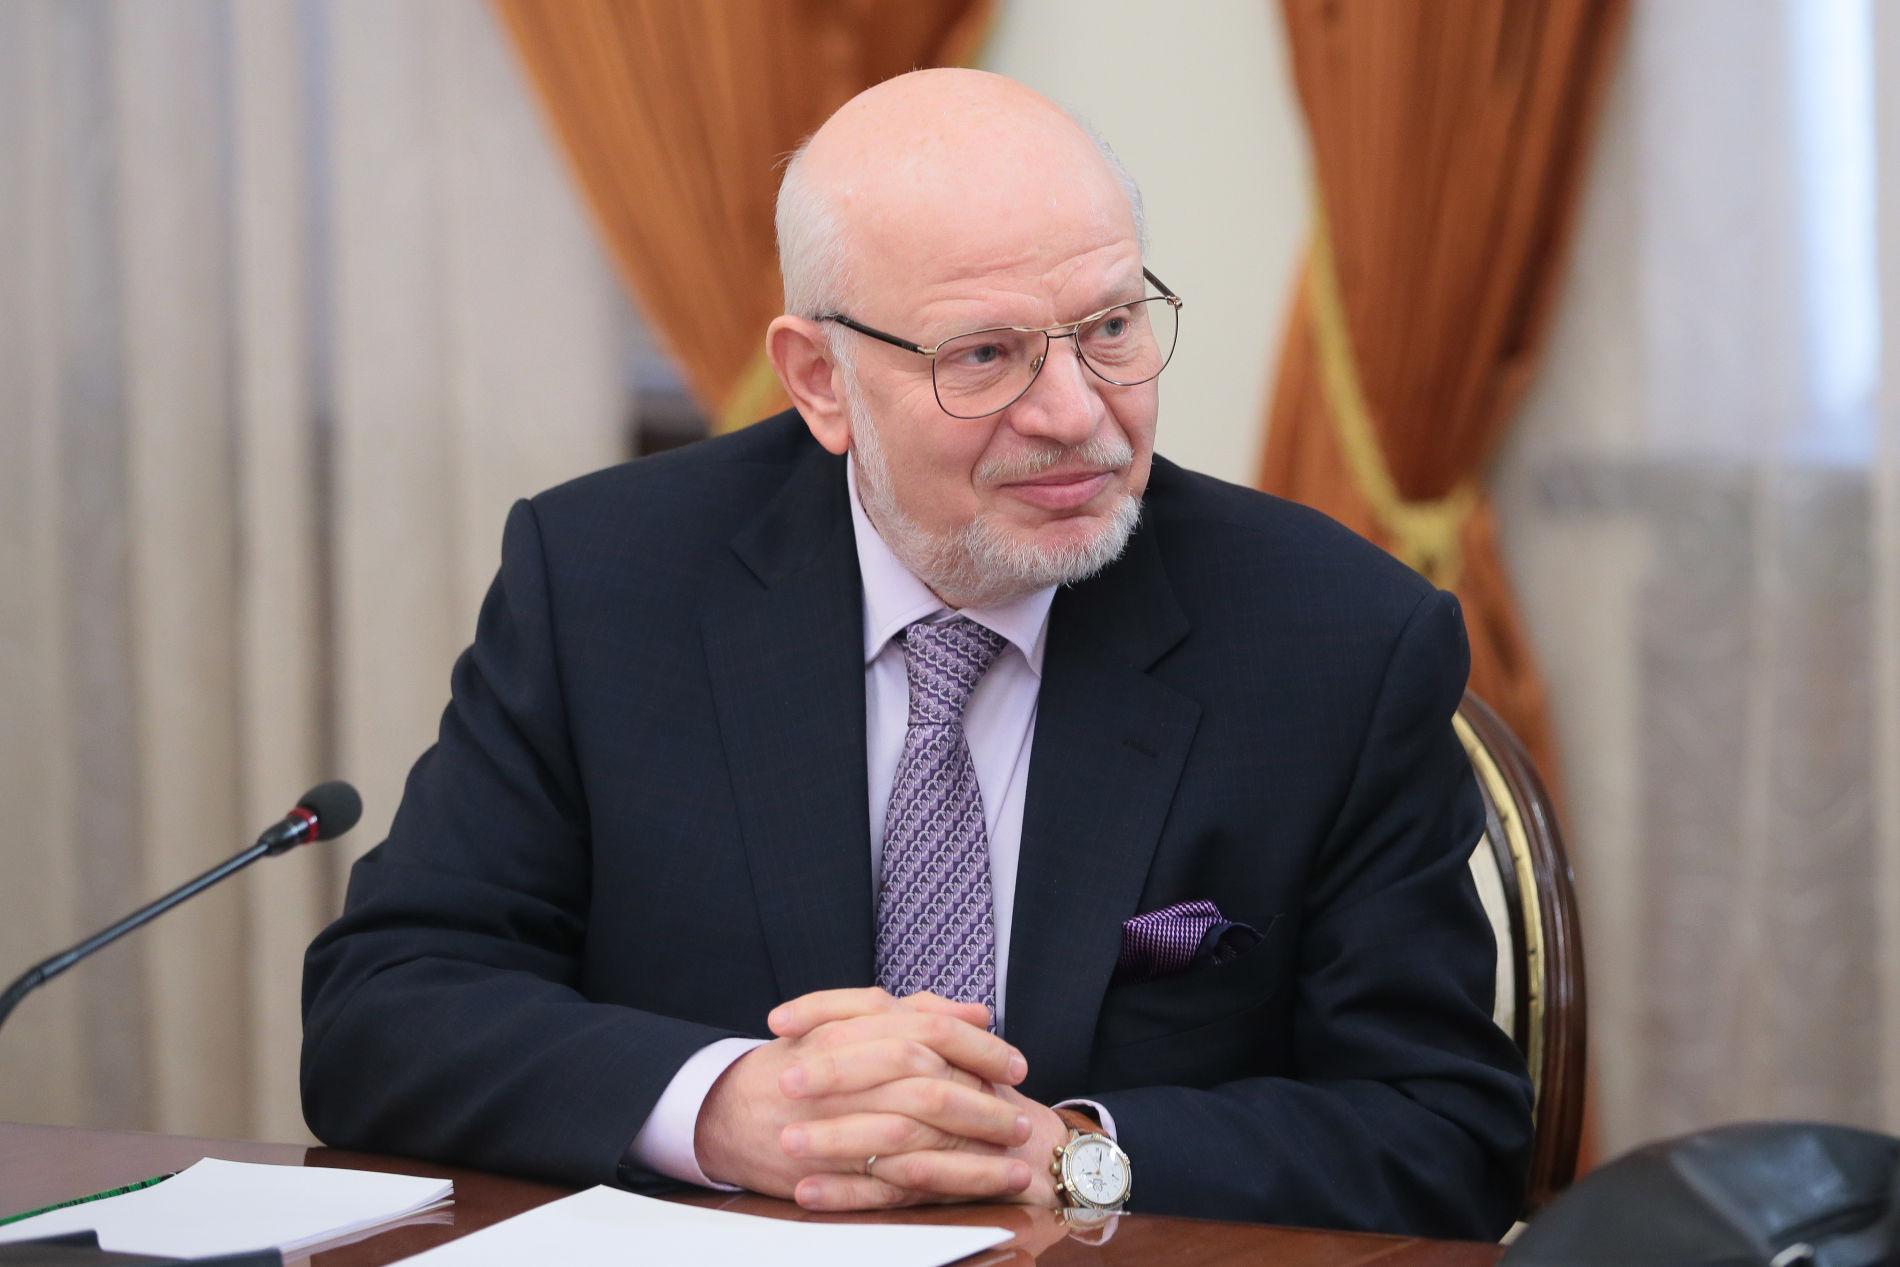 Жителей чеченского поселка могли избить вполиции после обращения кгенпрокурору